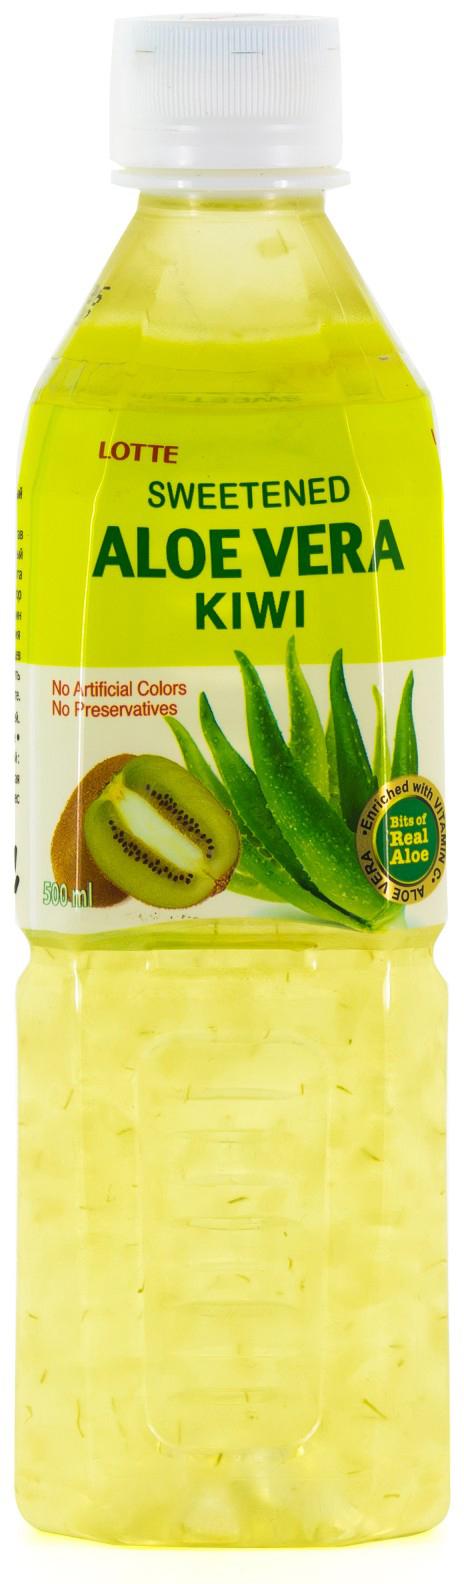 Lotte Aloe Vera напиток безалкогольный негазированный с мякотью алоэ со вкусом Киви, 500 мл lotte aloe vera напиток безалкогольный негазированный с мякотью алоэ со вкусом граната 240 мл